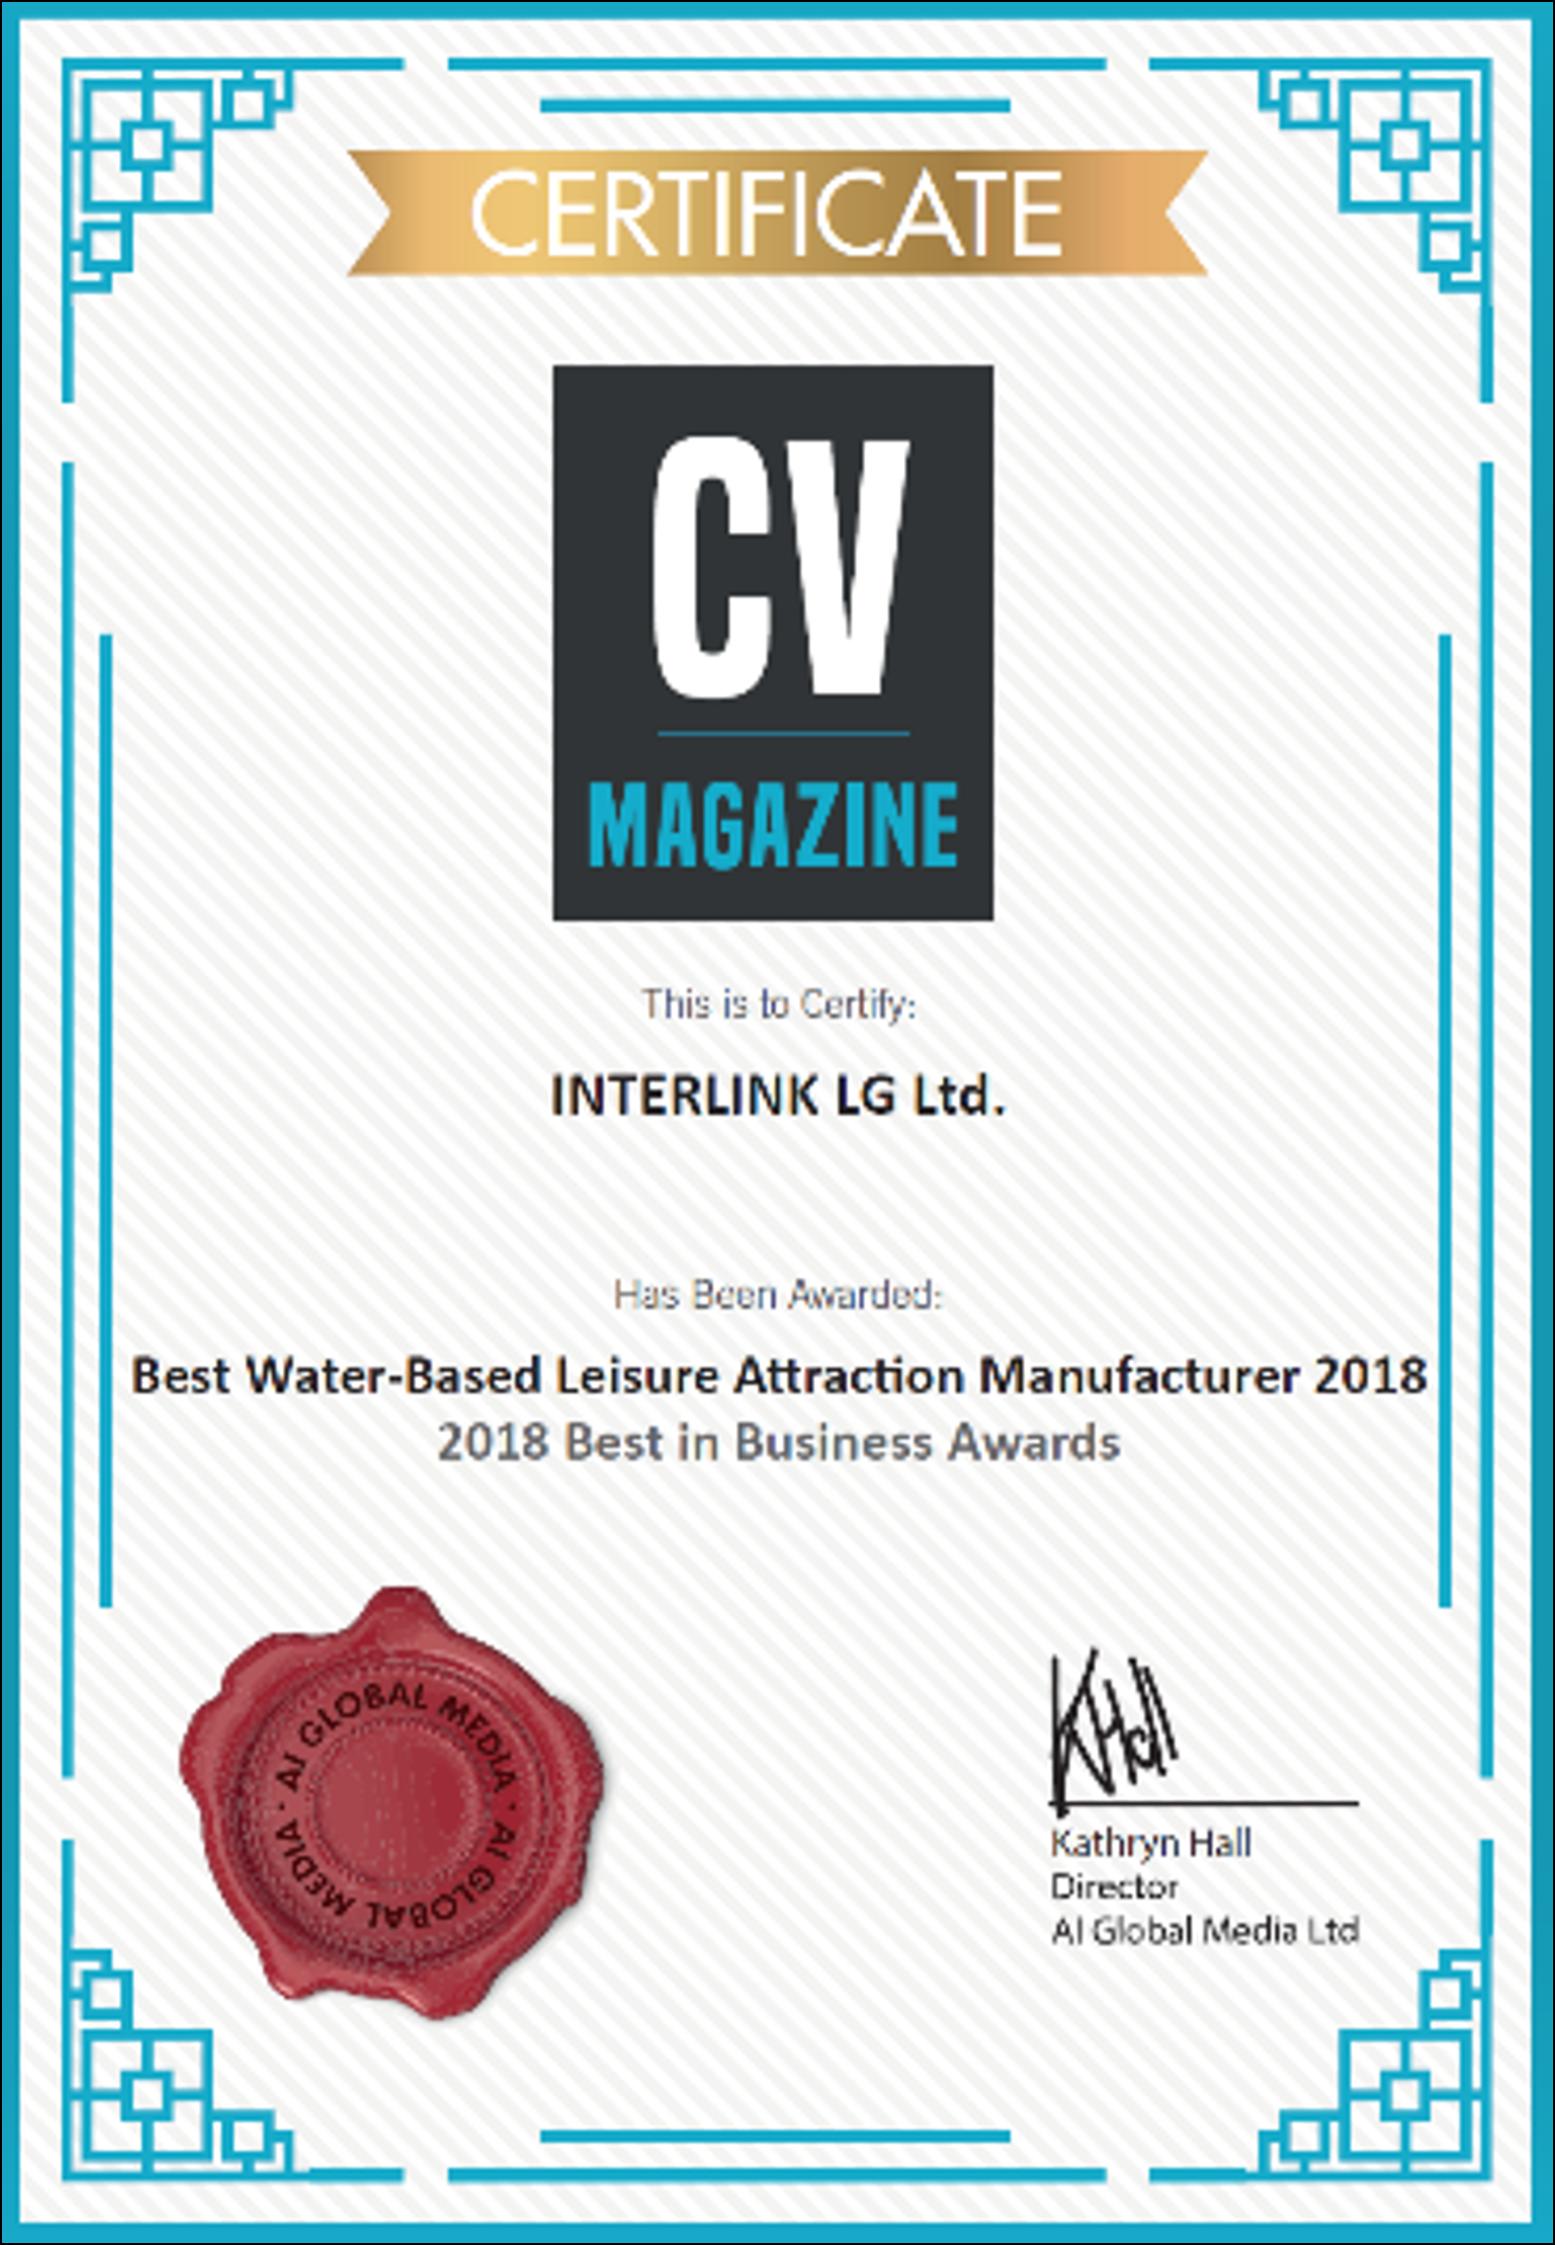 Interlink Best Water Based Attraction Manufacturer 2018 CV magazine Certificate